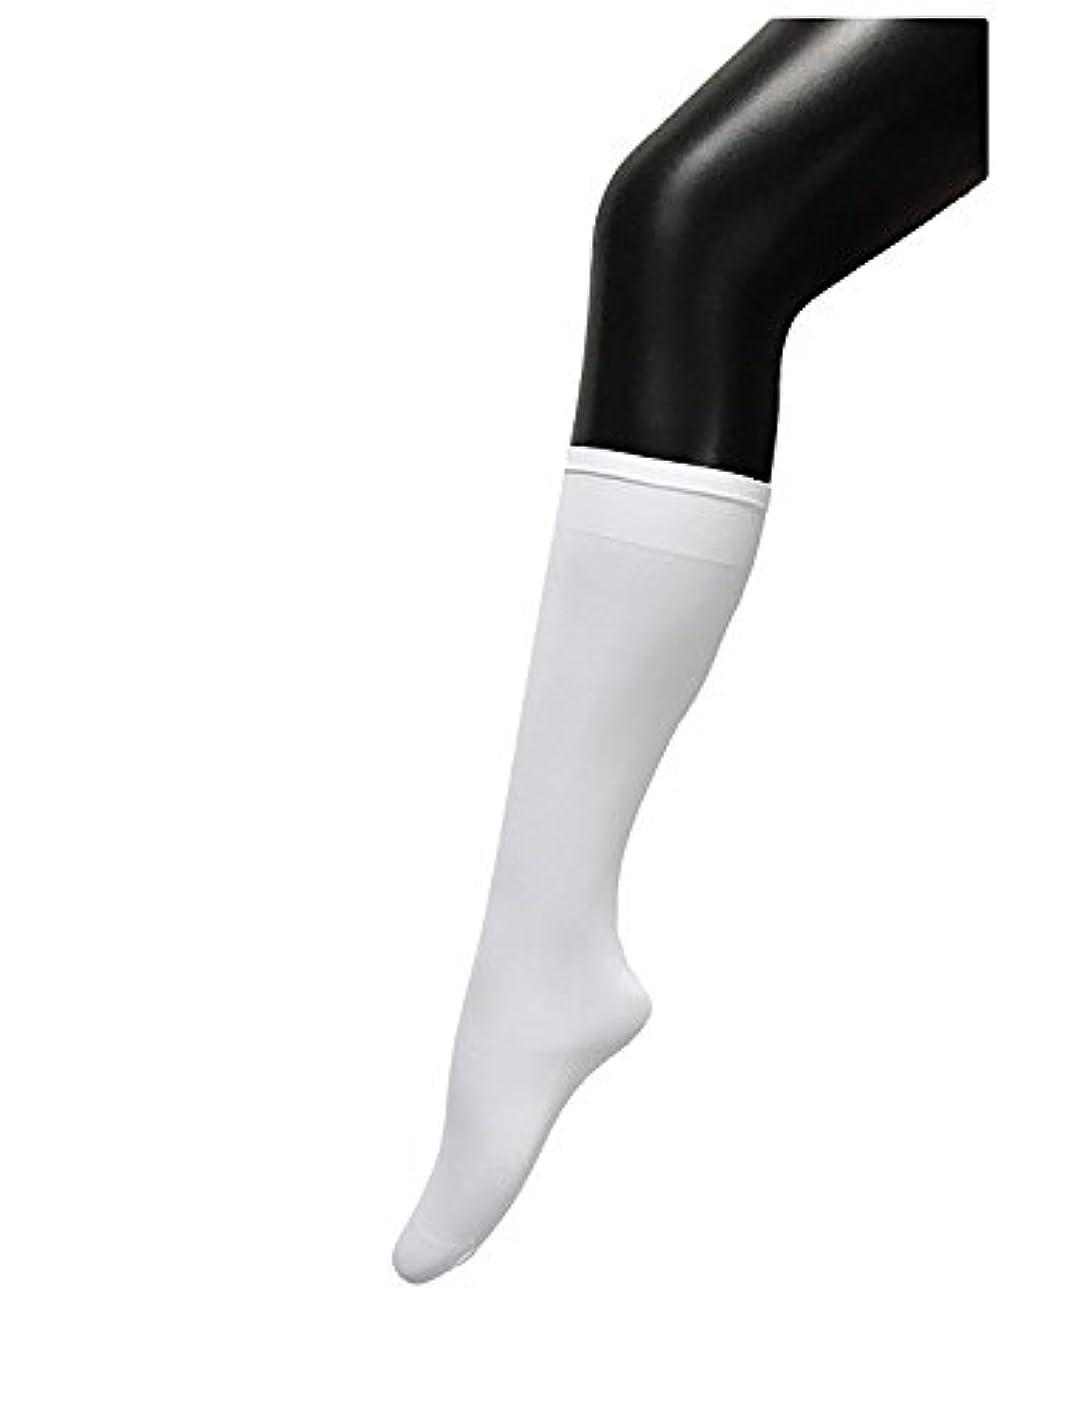 かび臭いによるとトンCOSCO ストッキング ソックス ニーソックス 膝下タイプ 着圧 美脚 40CM